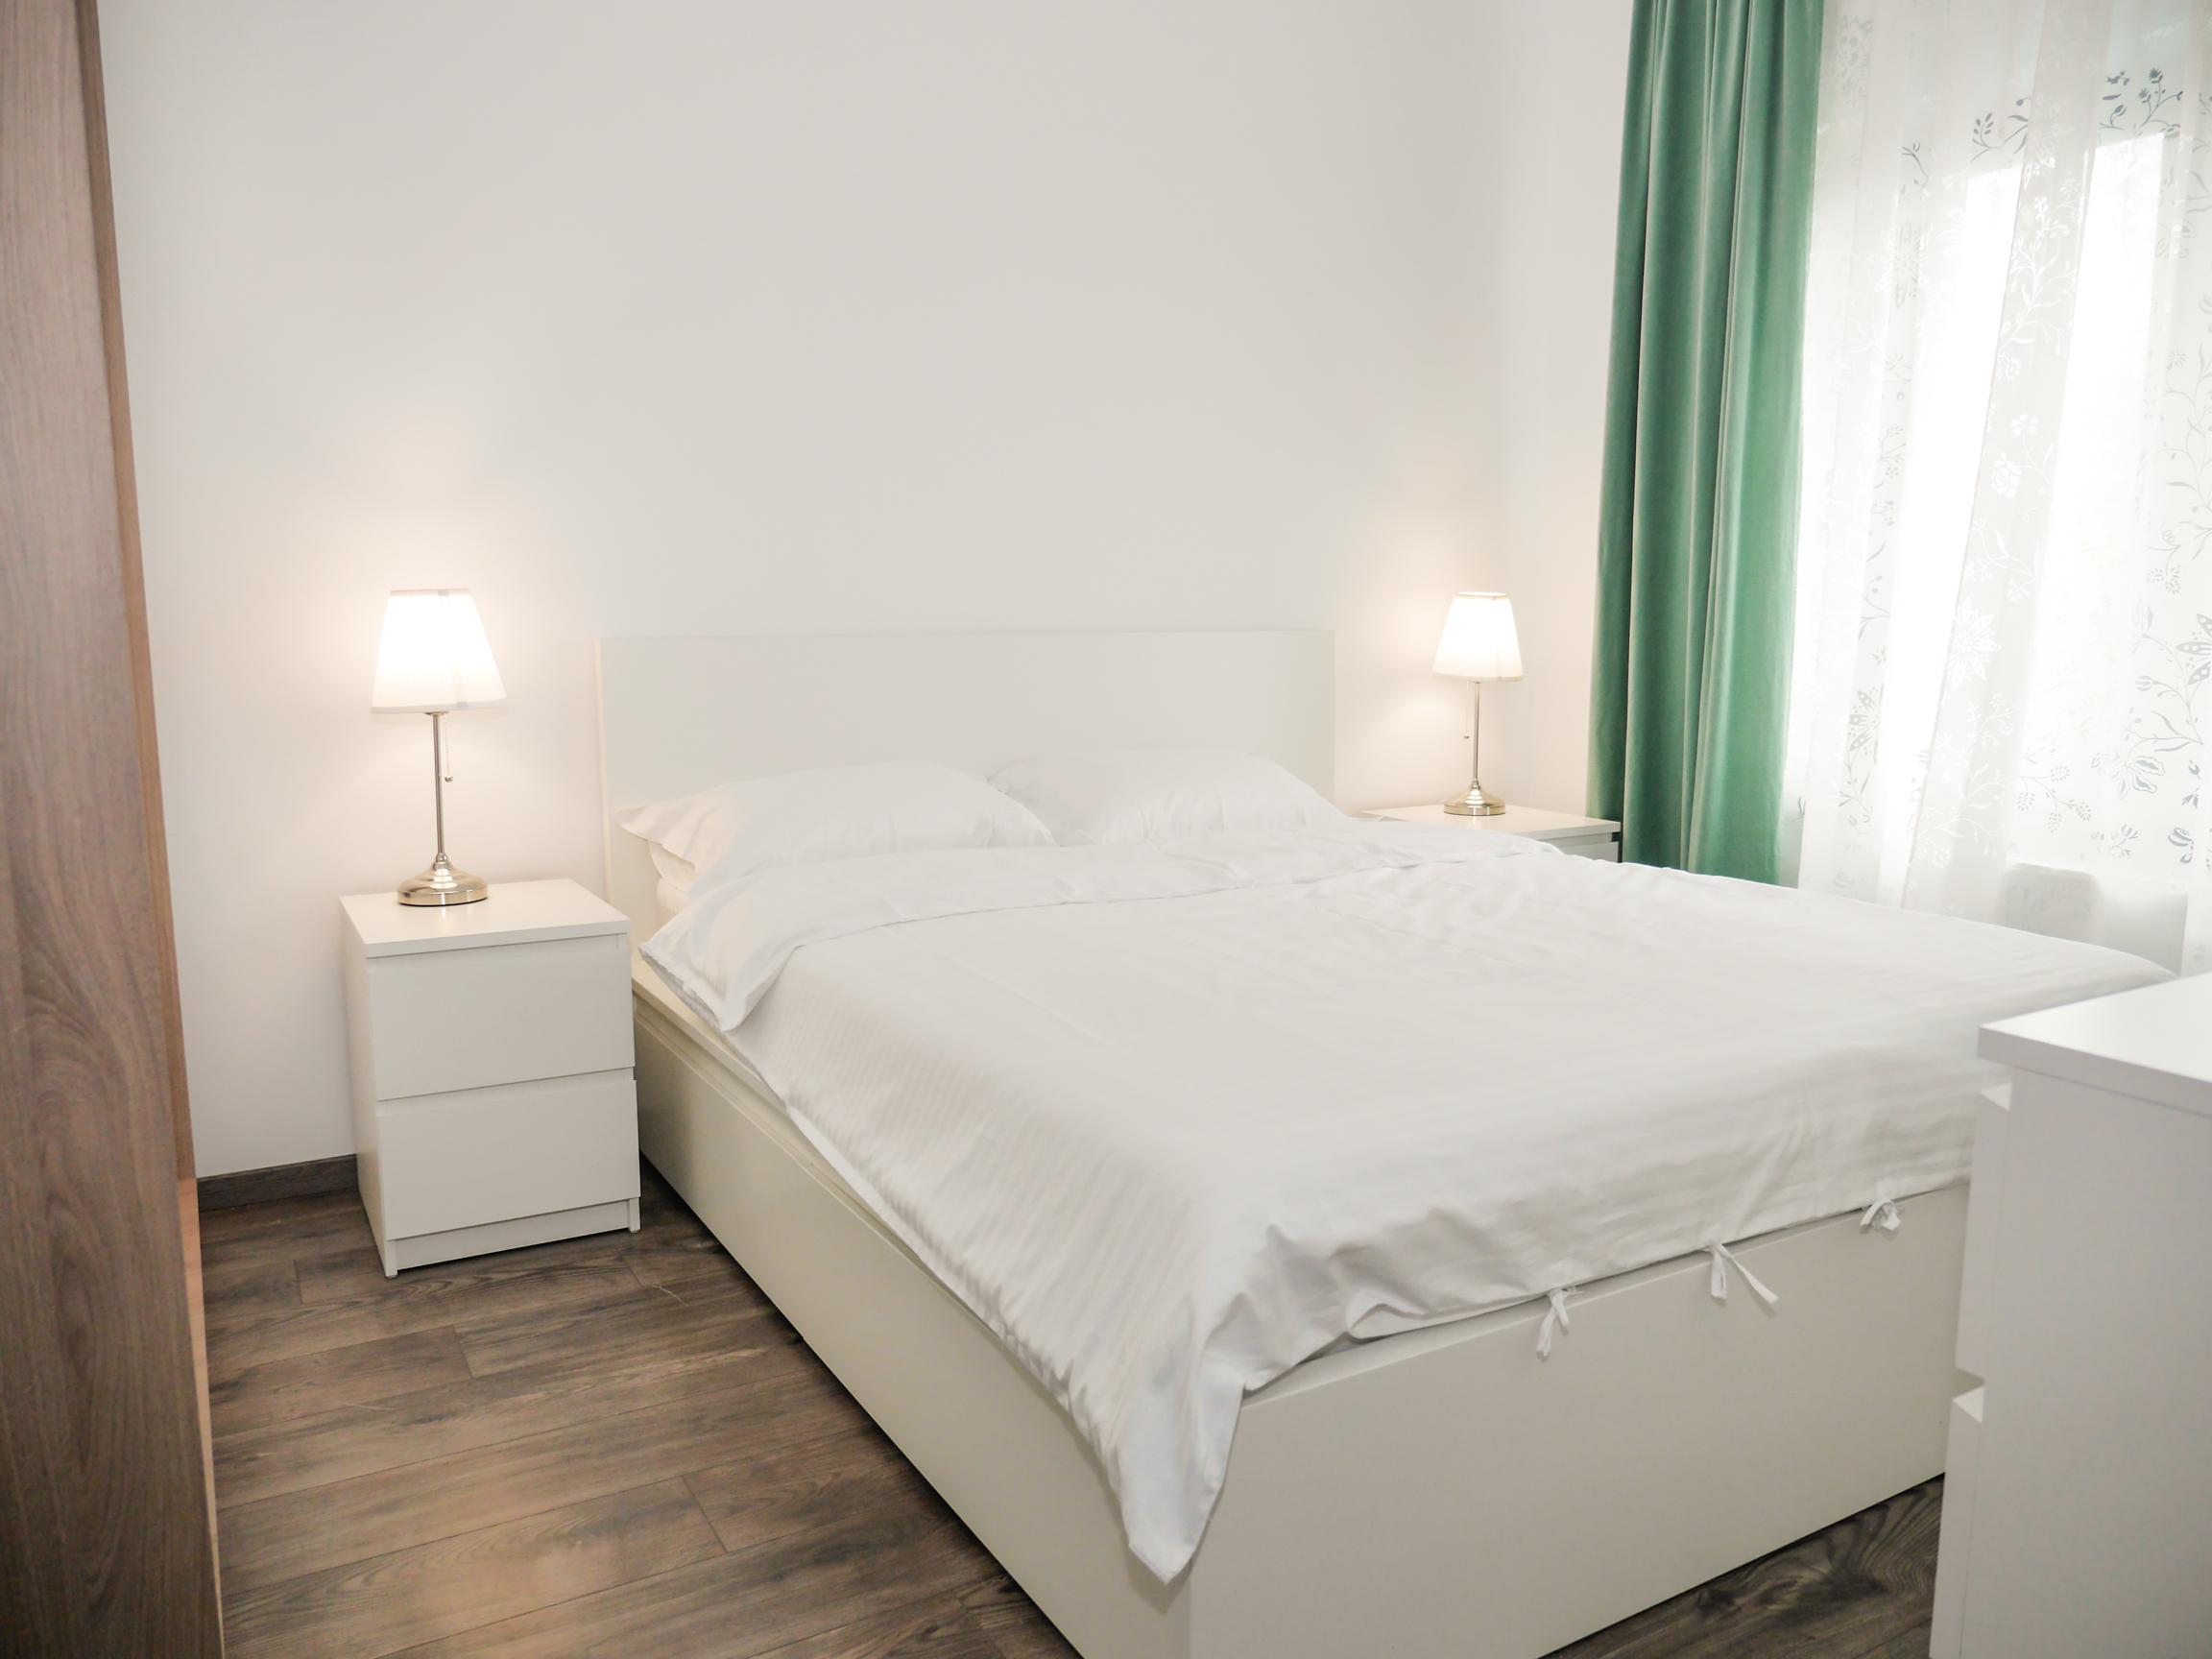 Clement Apartments - apartamente de inchiriat in regim hotelier - cazare neamt - cazare piatra neamt - apartament 9 (8)